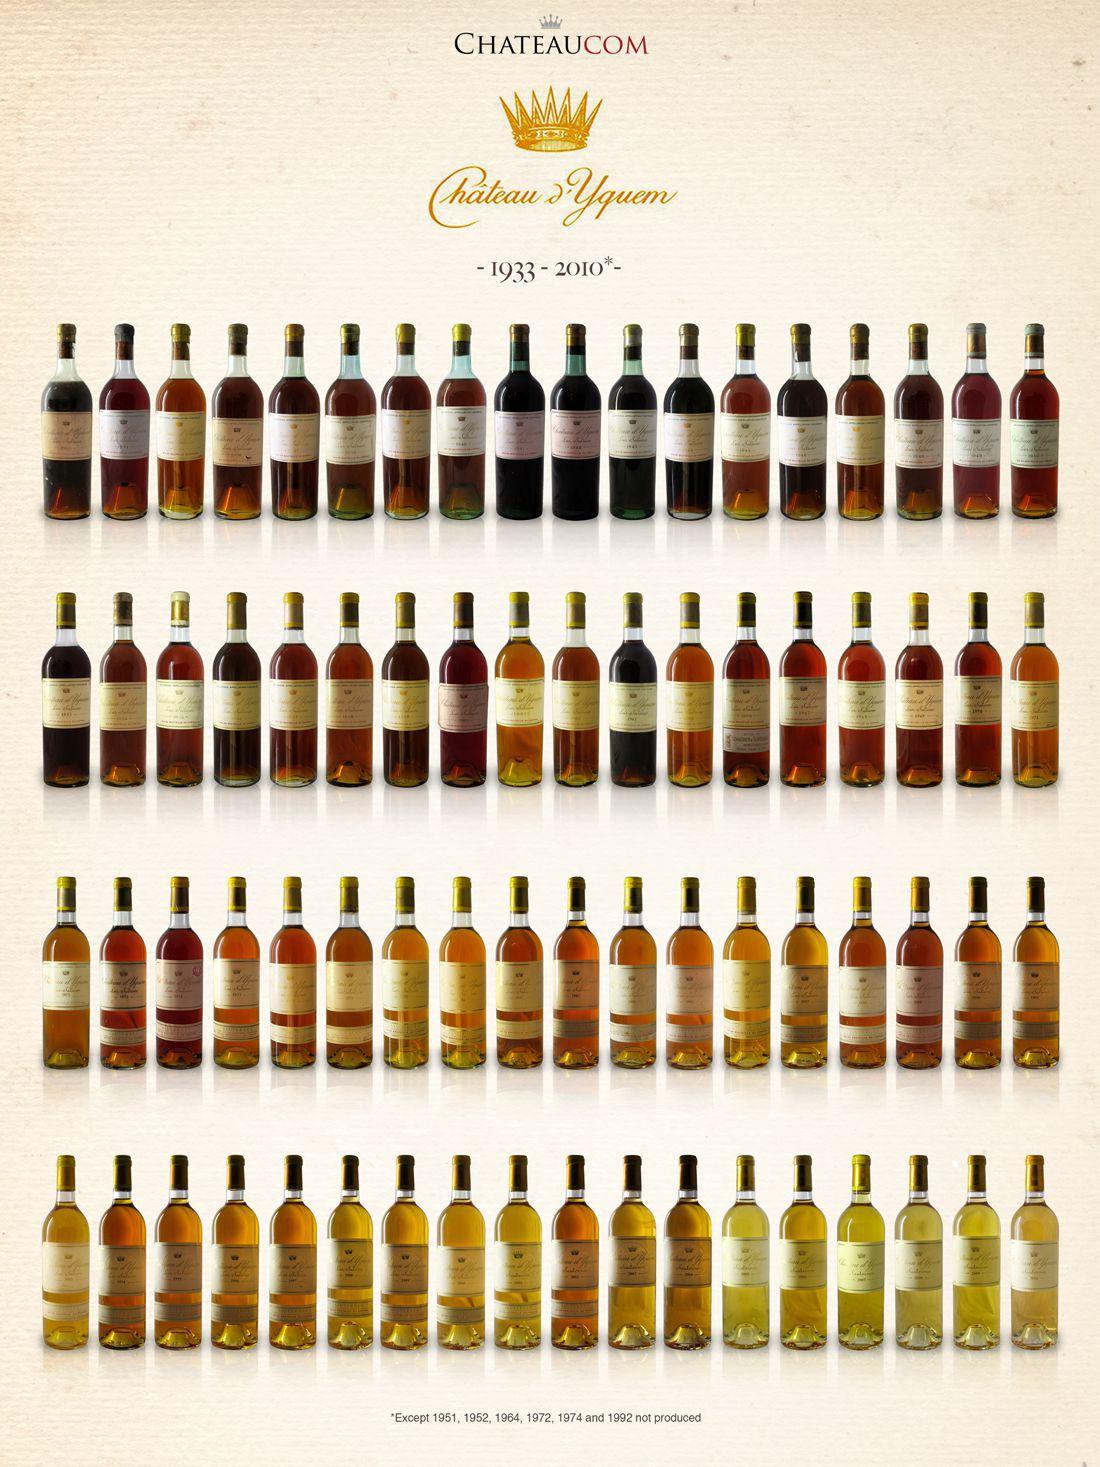 Collection Château d'Yquem 1933-2010